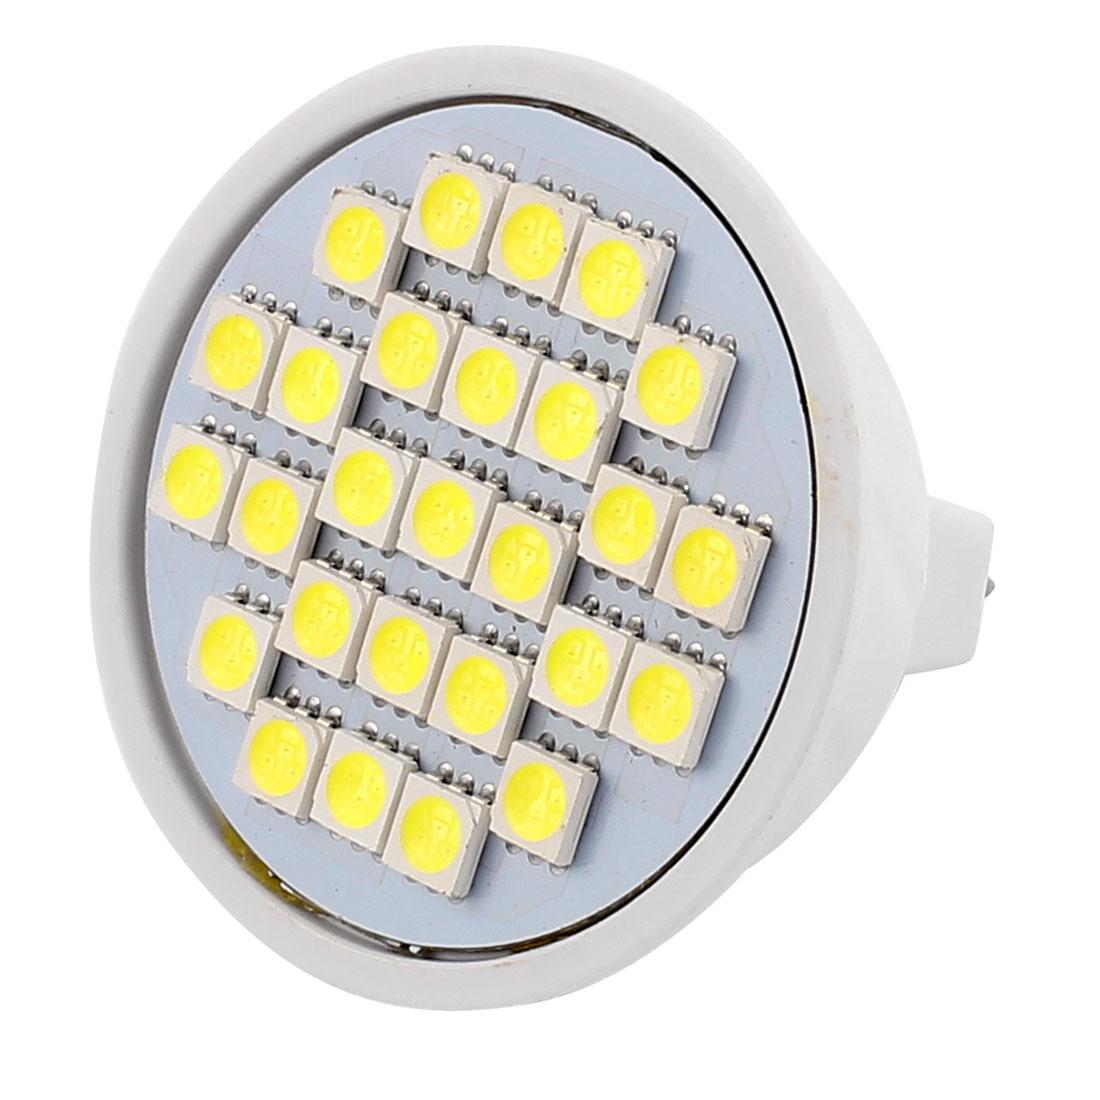 220V-240V 5W MR16 5050 SMD 27 LEDs LED Bulb Light Spotlight Lamp Lighting White